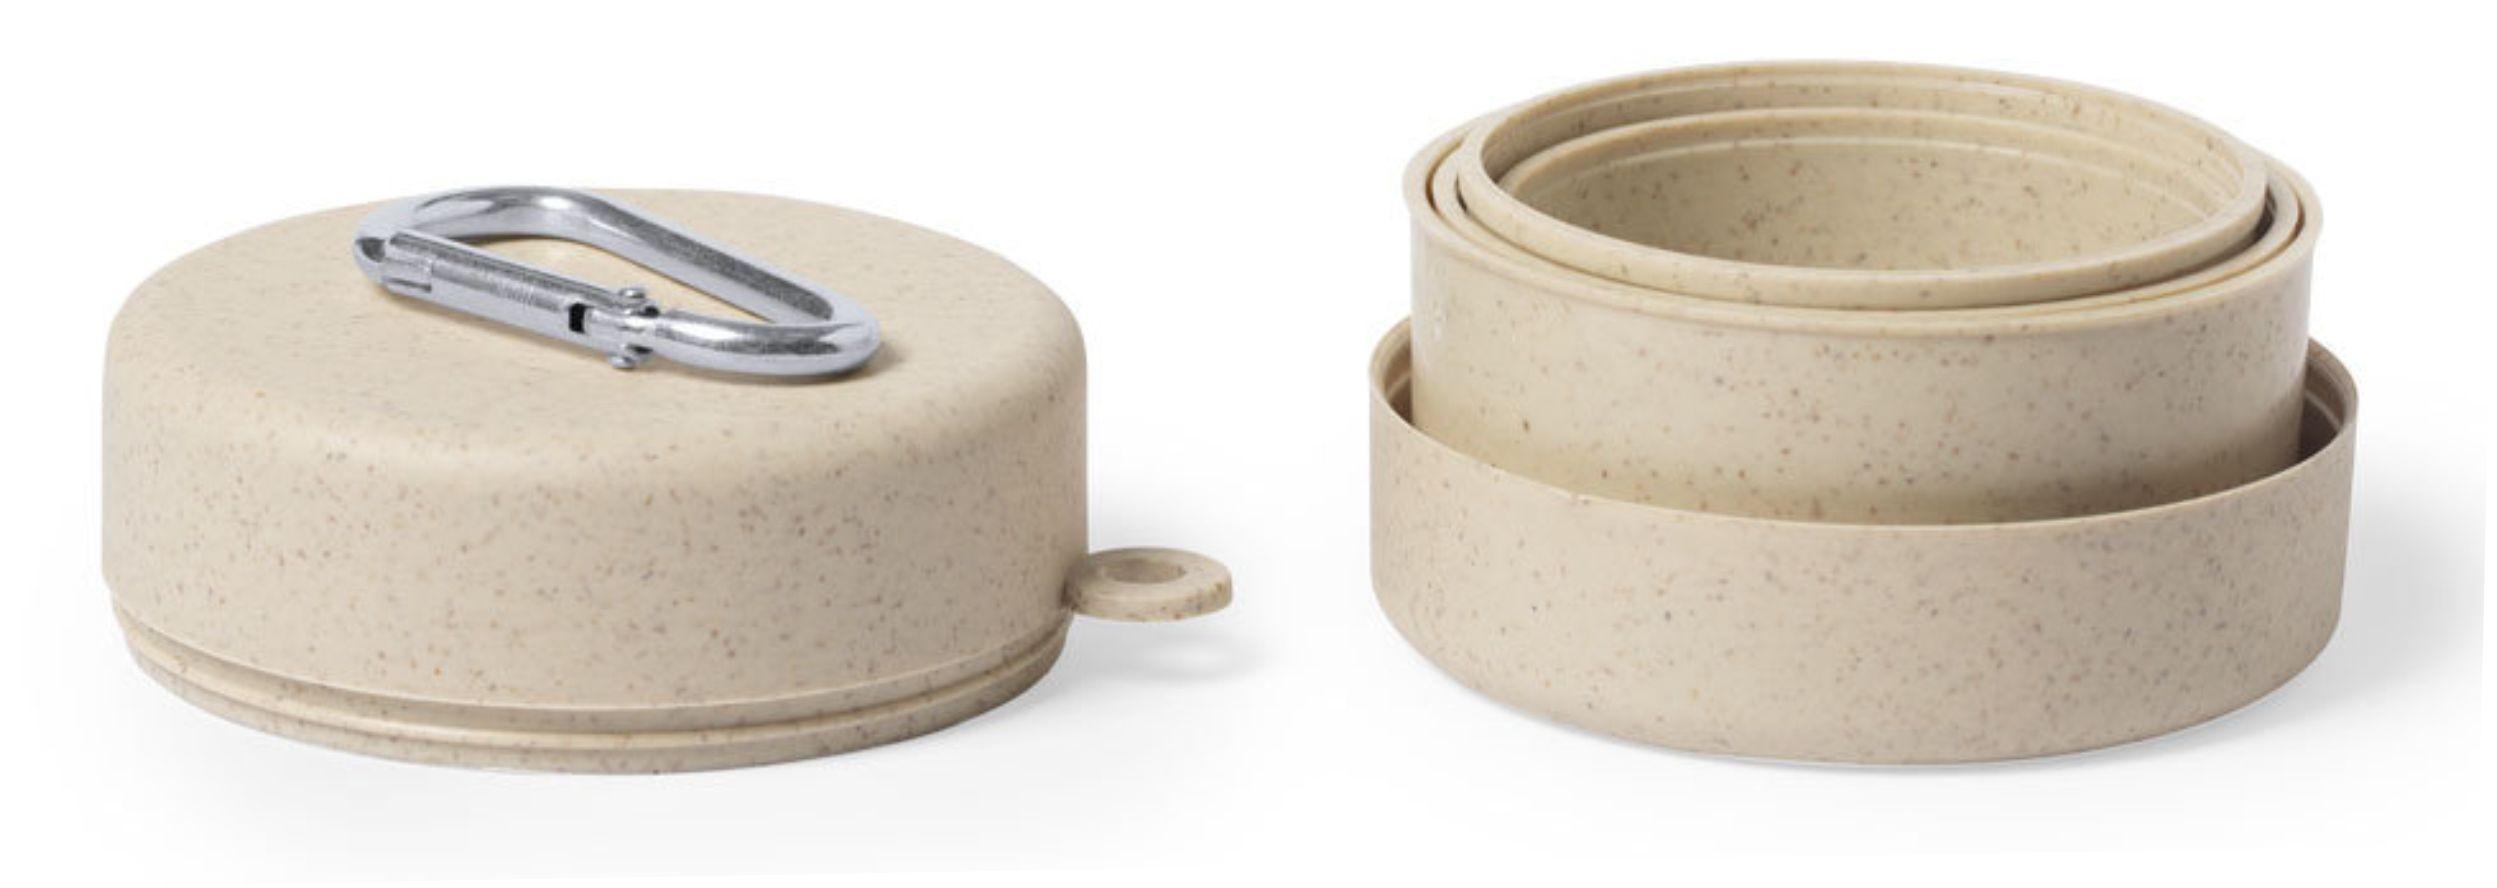 сувениры из переработанных материалов